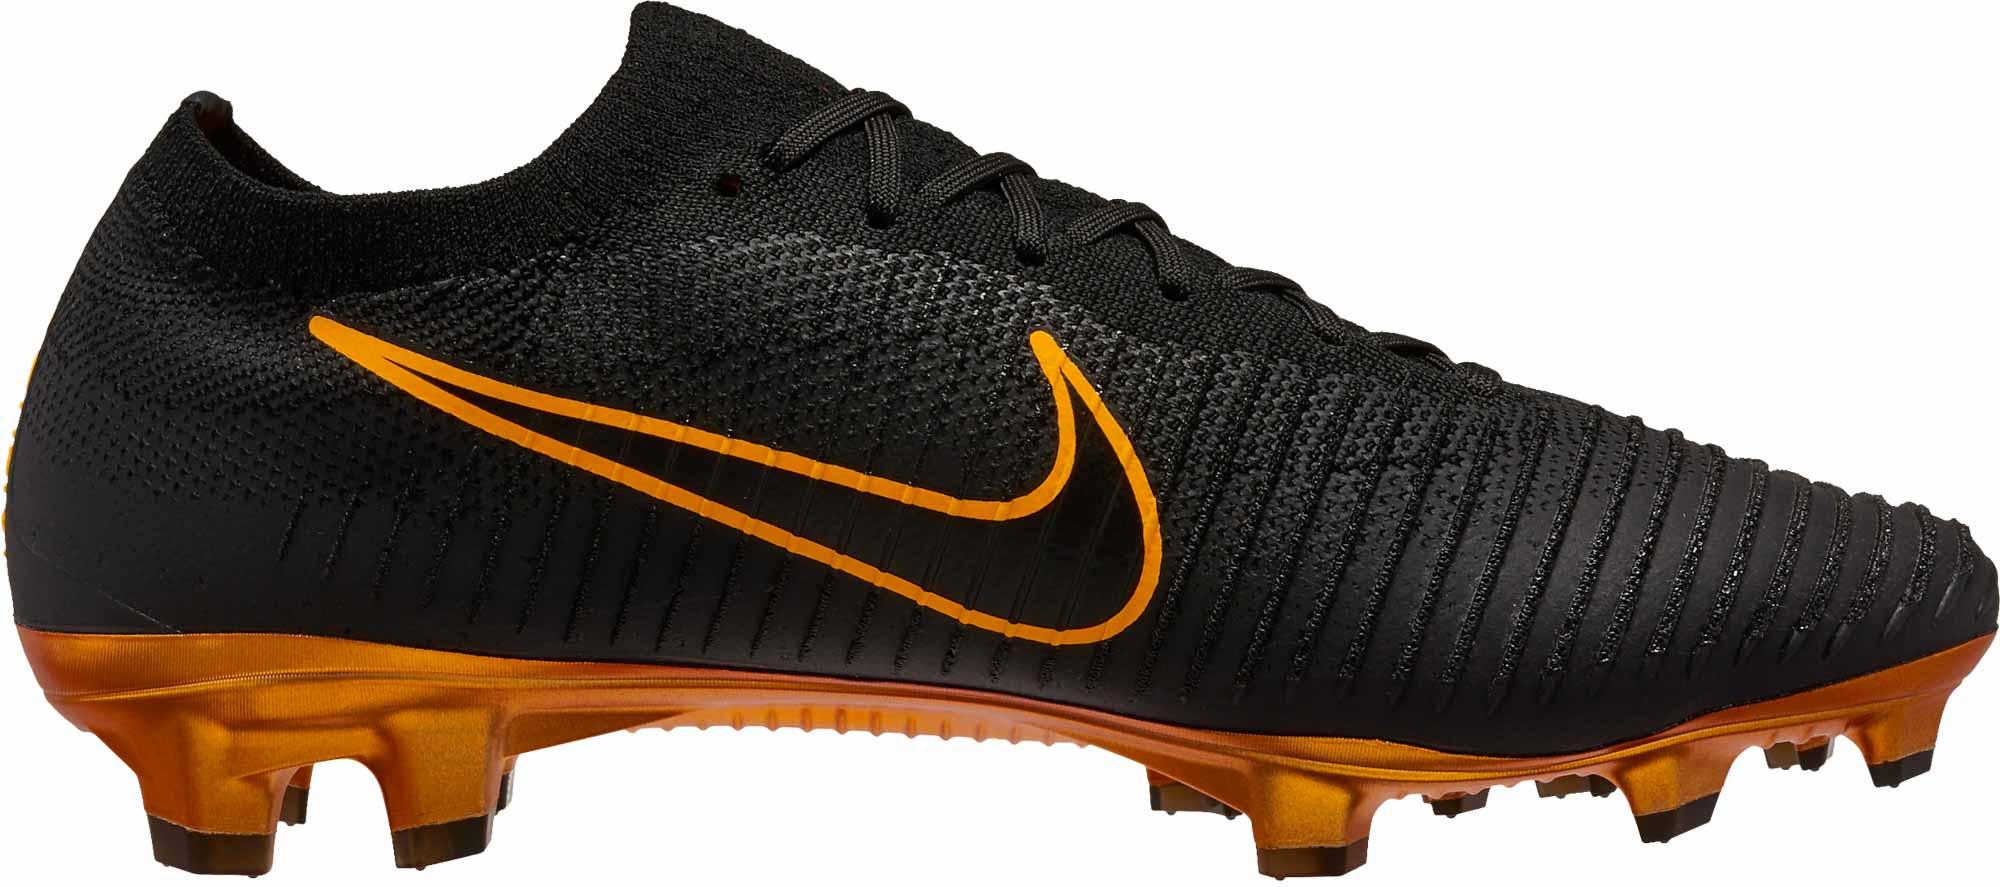 1d96a4987 Nike Flyknit Ultra FG - Black Nike Soccer Cleats